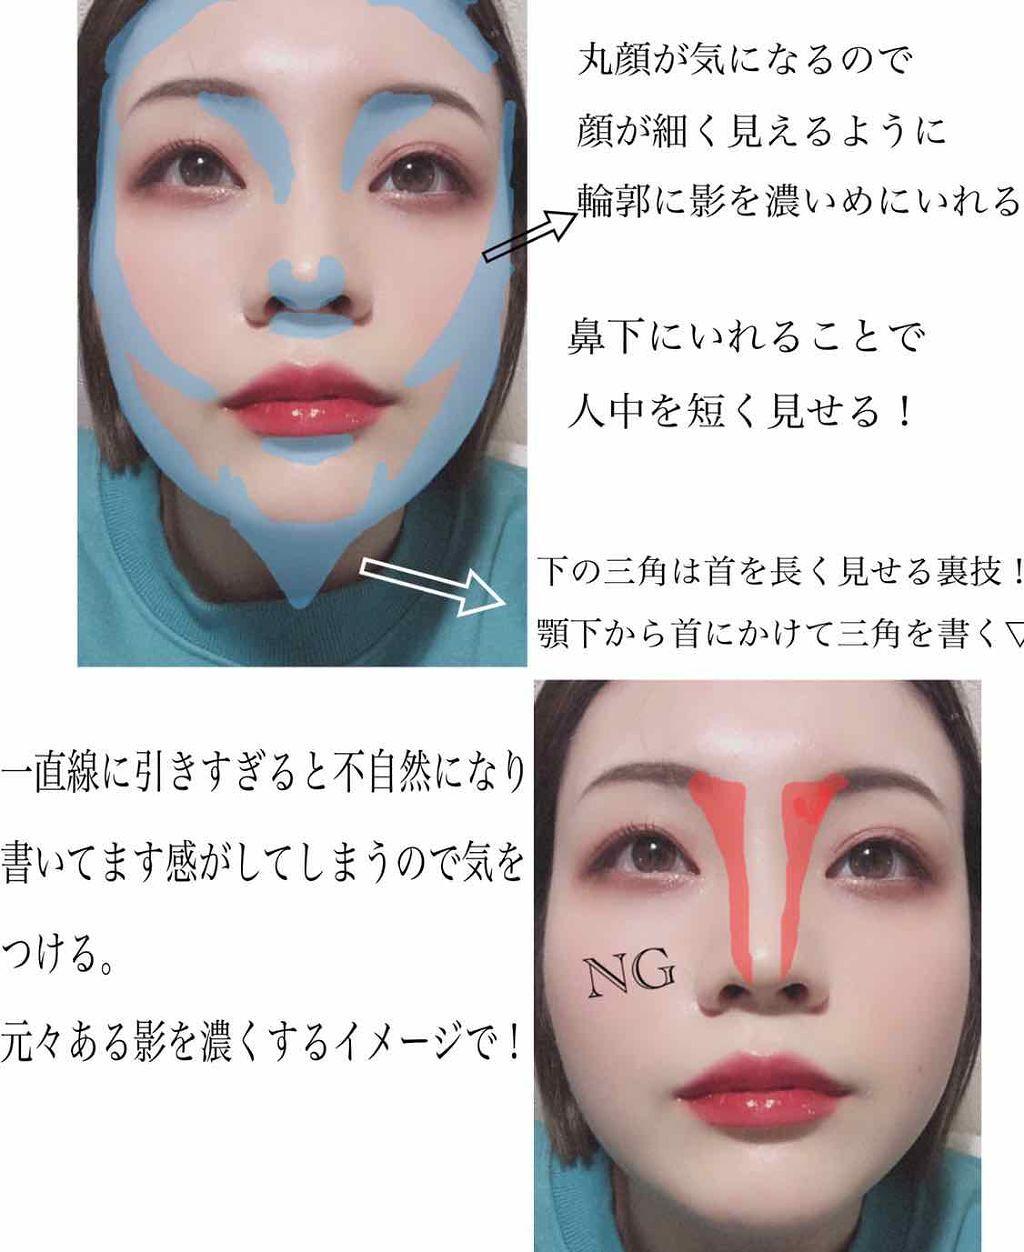 「知らなきゃ損!顔のタイプ別シェーディングの入れ方とおすすめ商品15選」の画像(#116619)